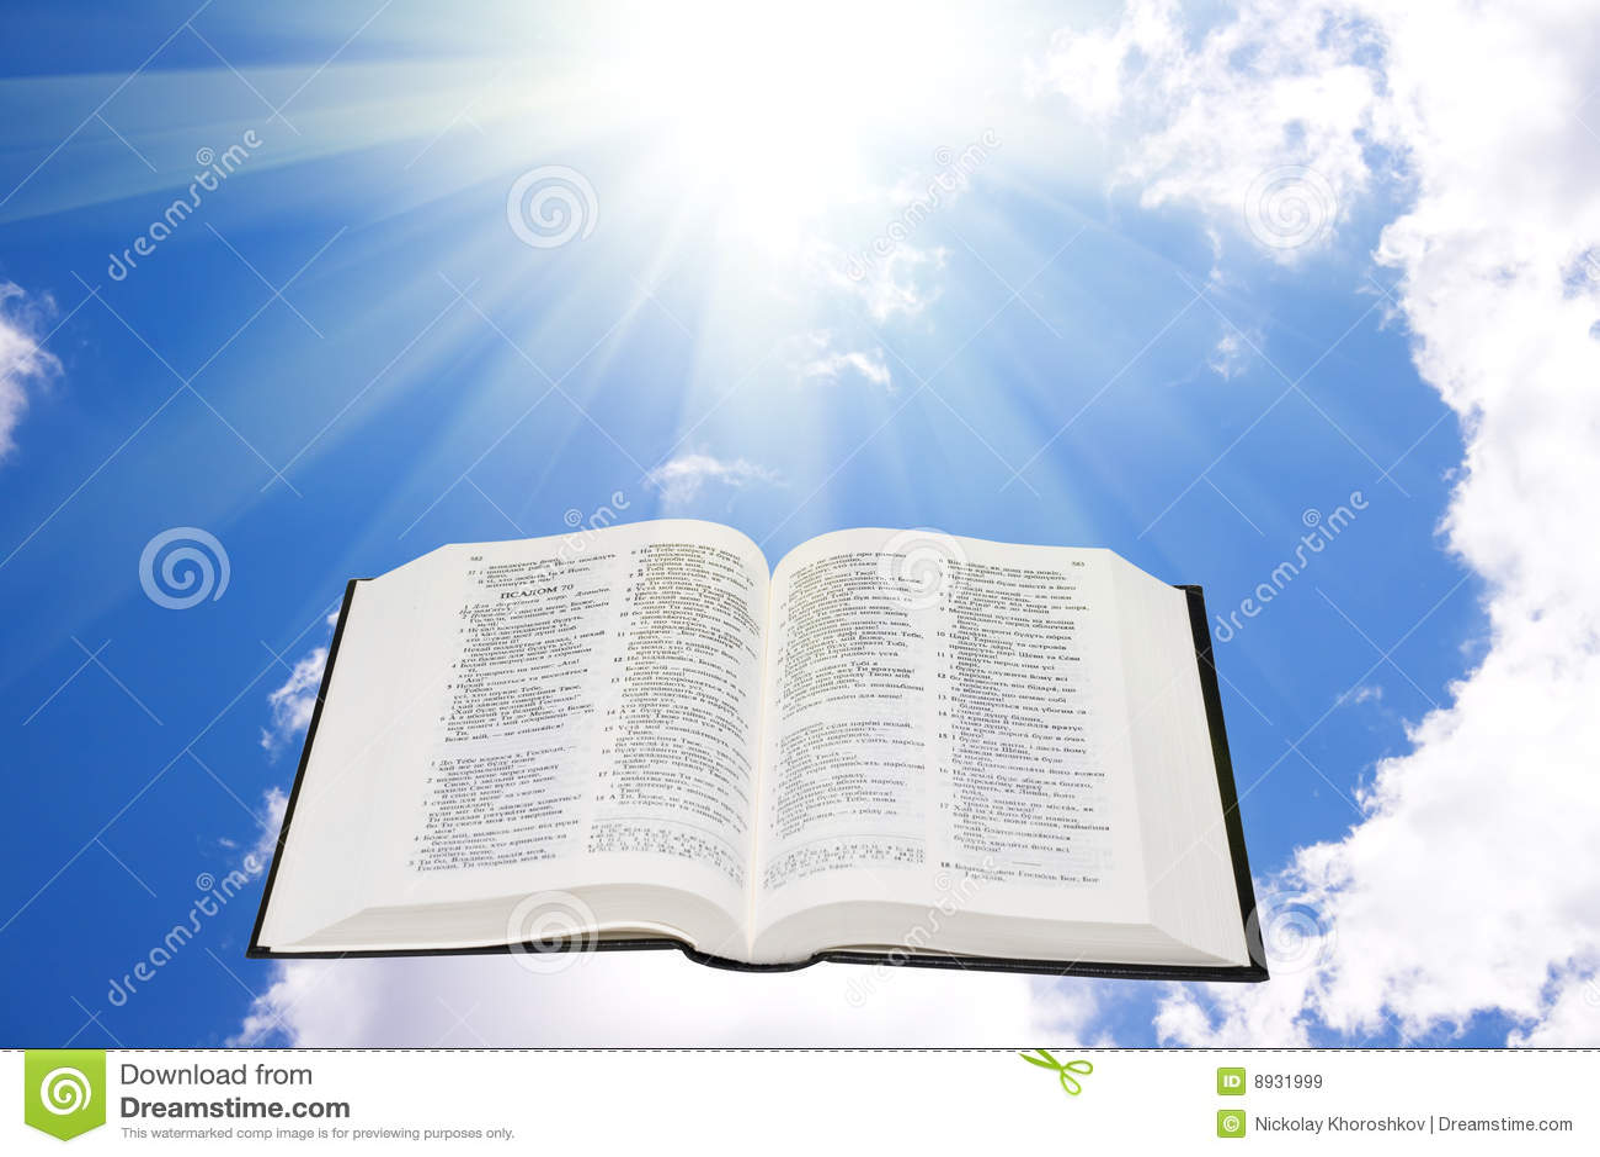 A Bíblia santamente no céu iluminado por uma luz solar